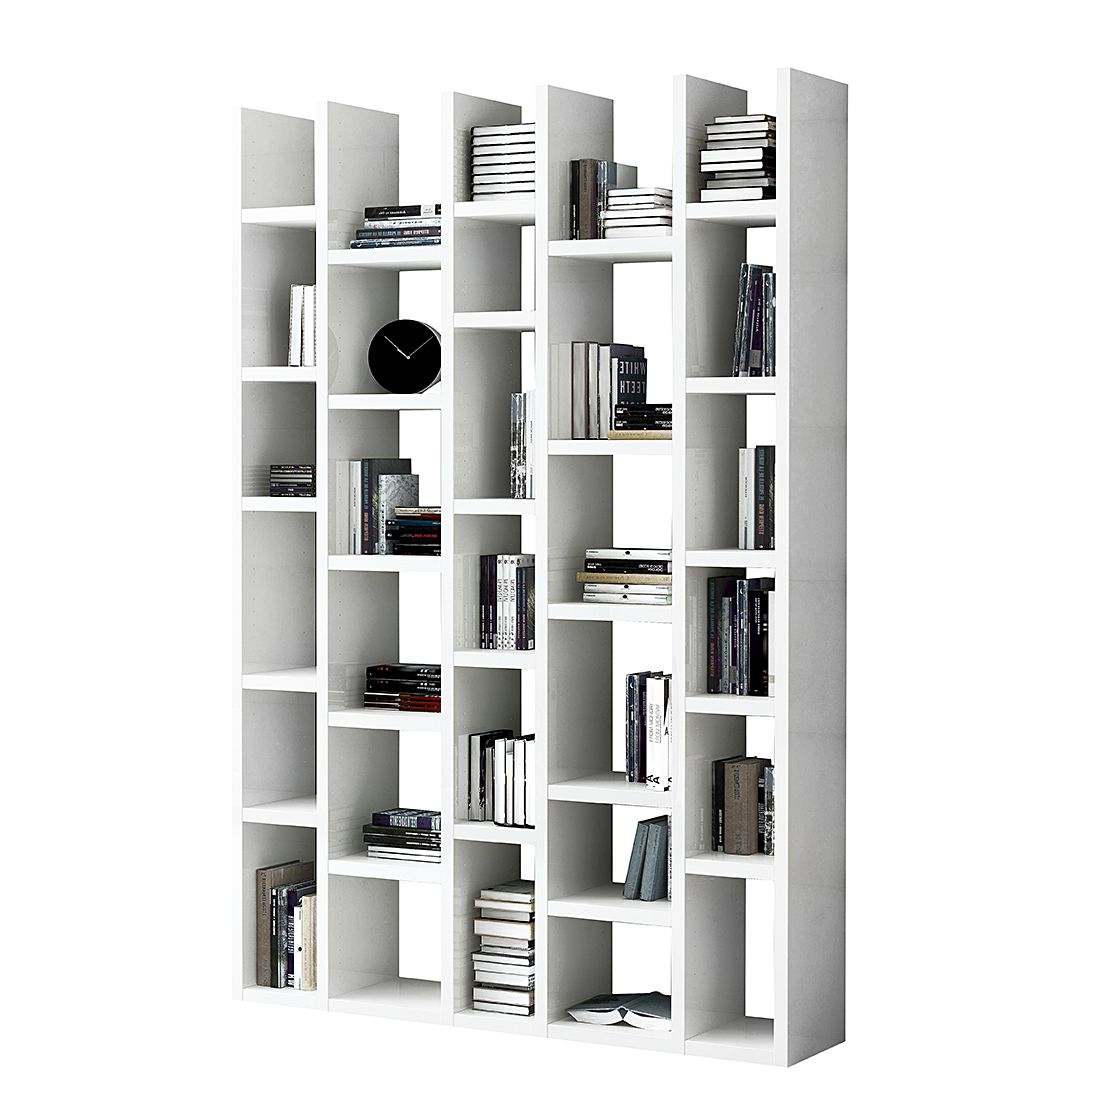 Bücherregal Emporior I – Matt Weiß, loftscape günstig bestellen